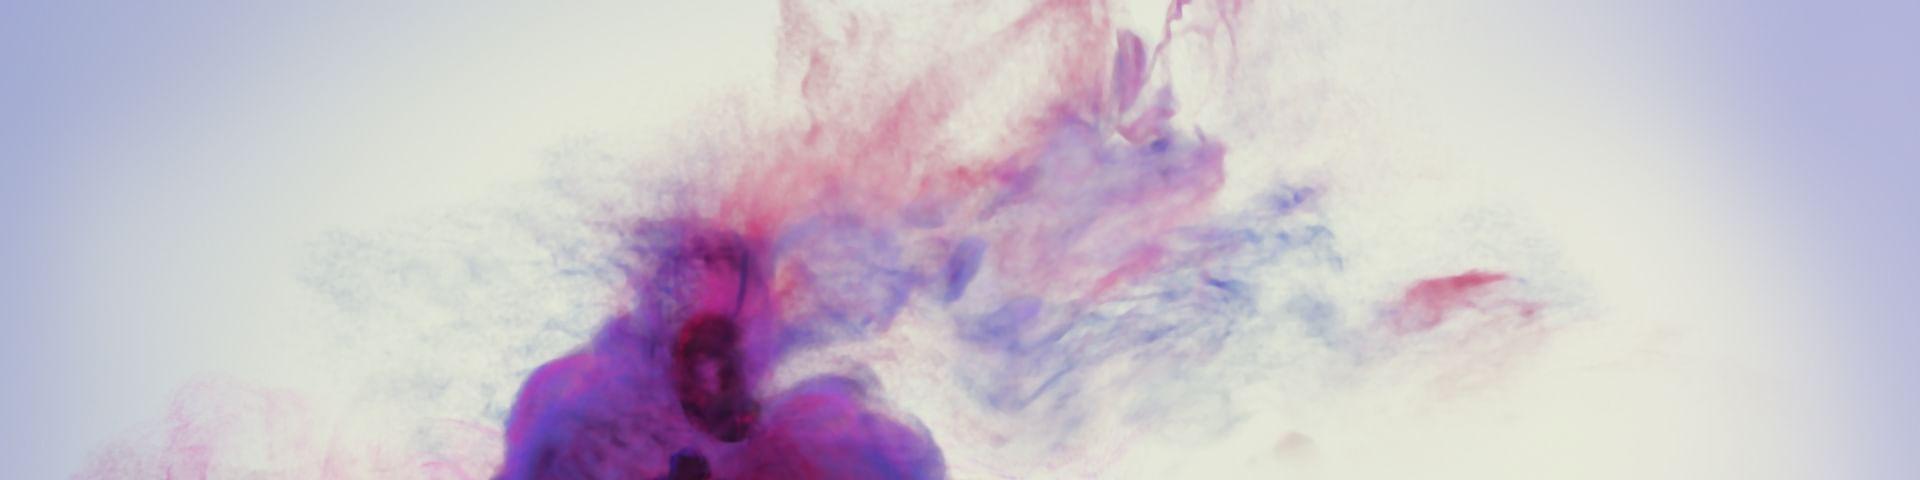 Los bosques del mundo: Guyana, El Dorado verde